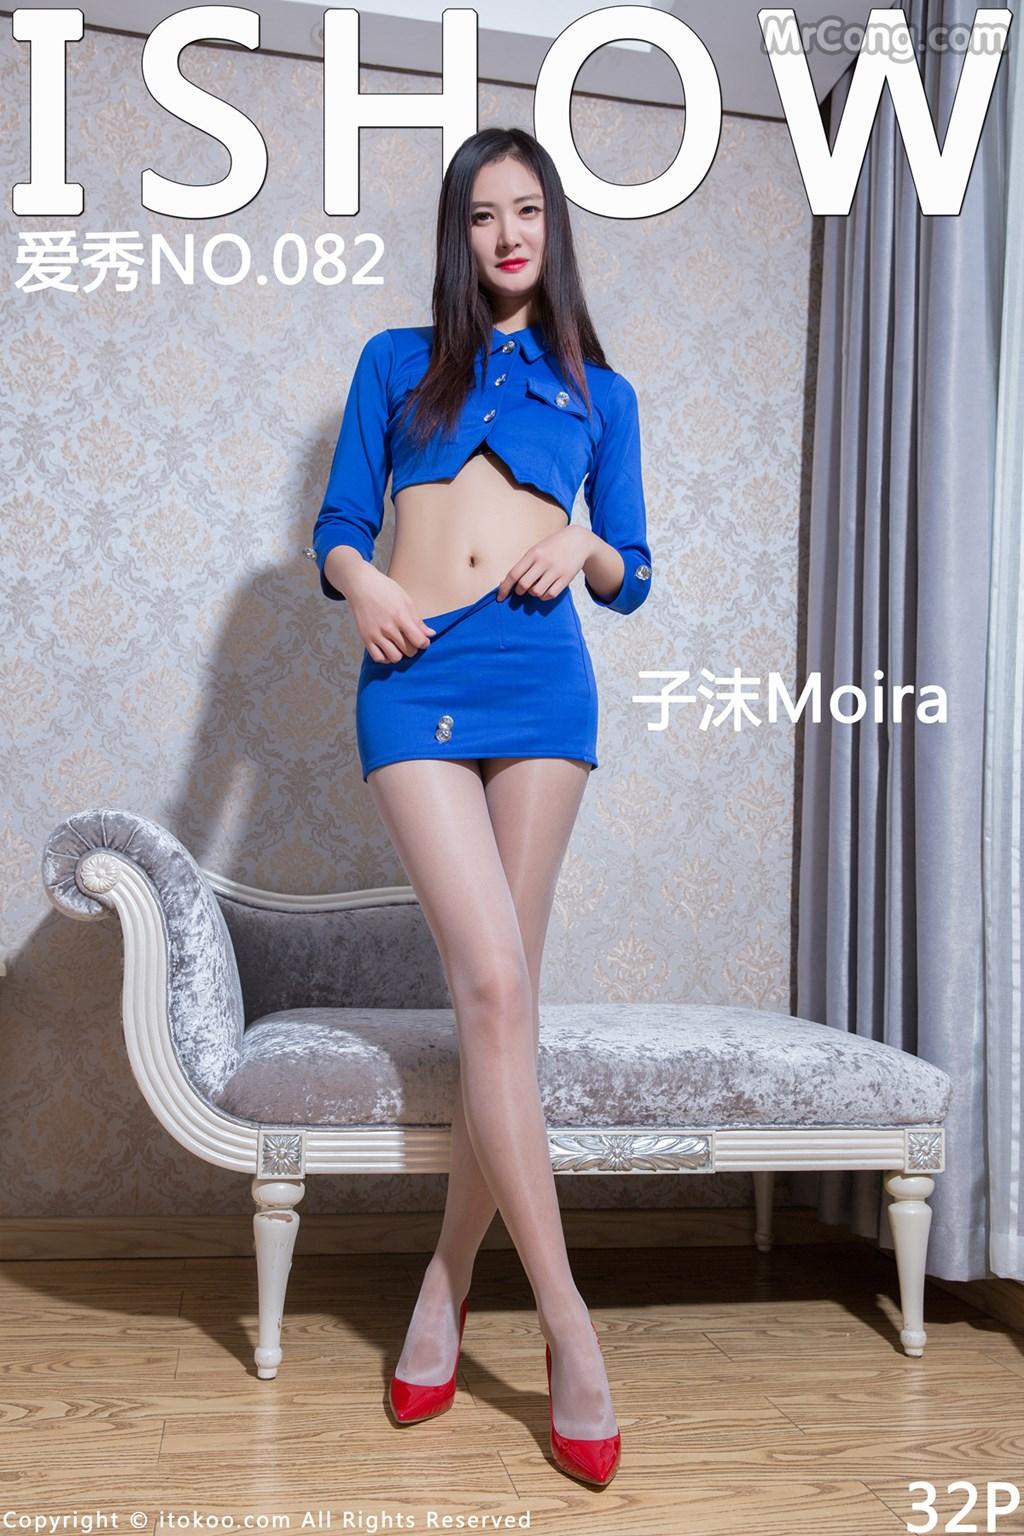 ISHOW No.082: Người mẫu Moira (子沫) (33 ảnh)